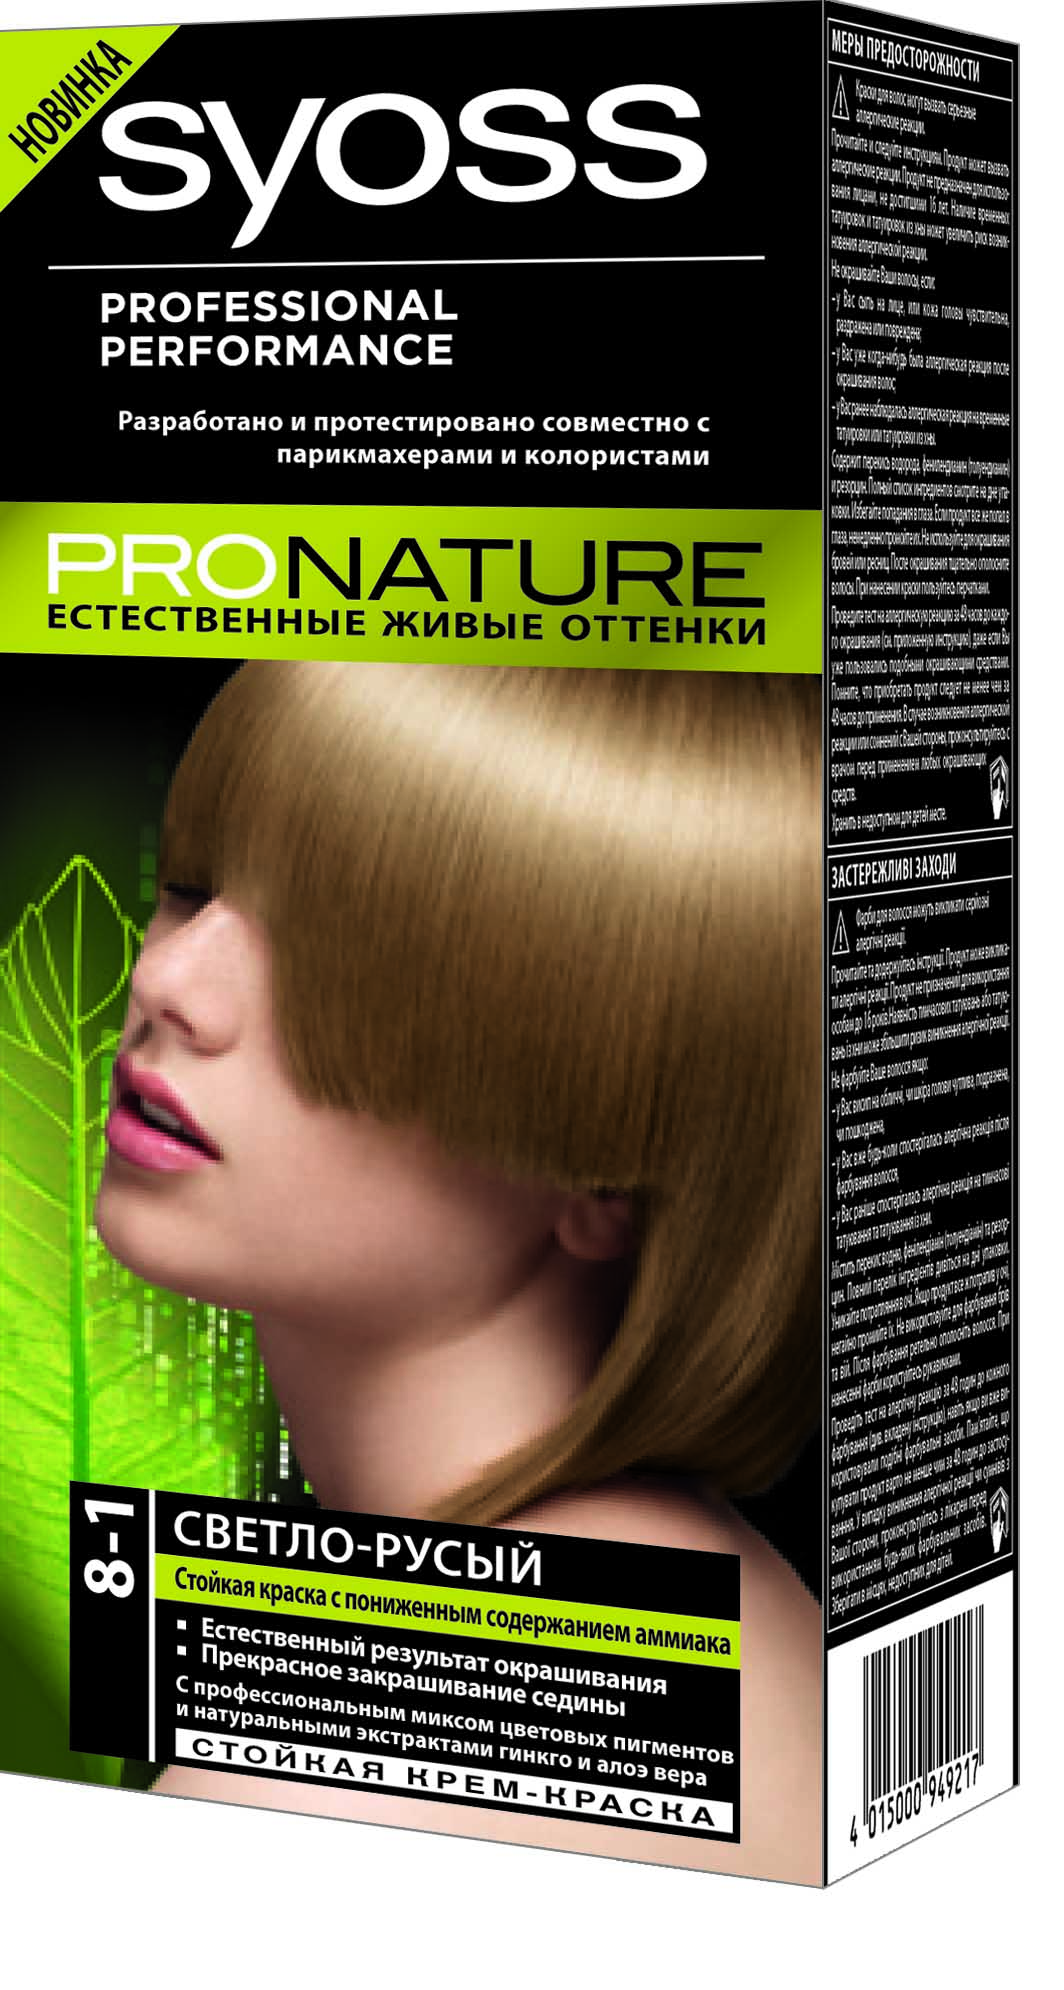 Краски для волос syoss палитра цветов фото